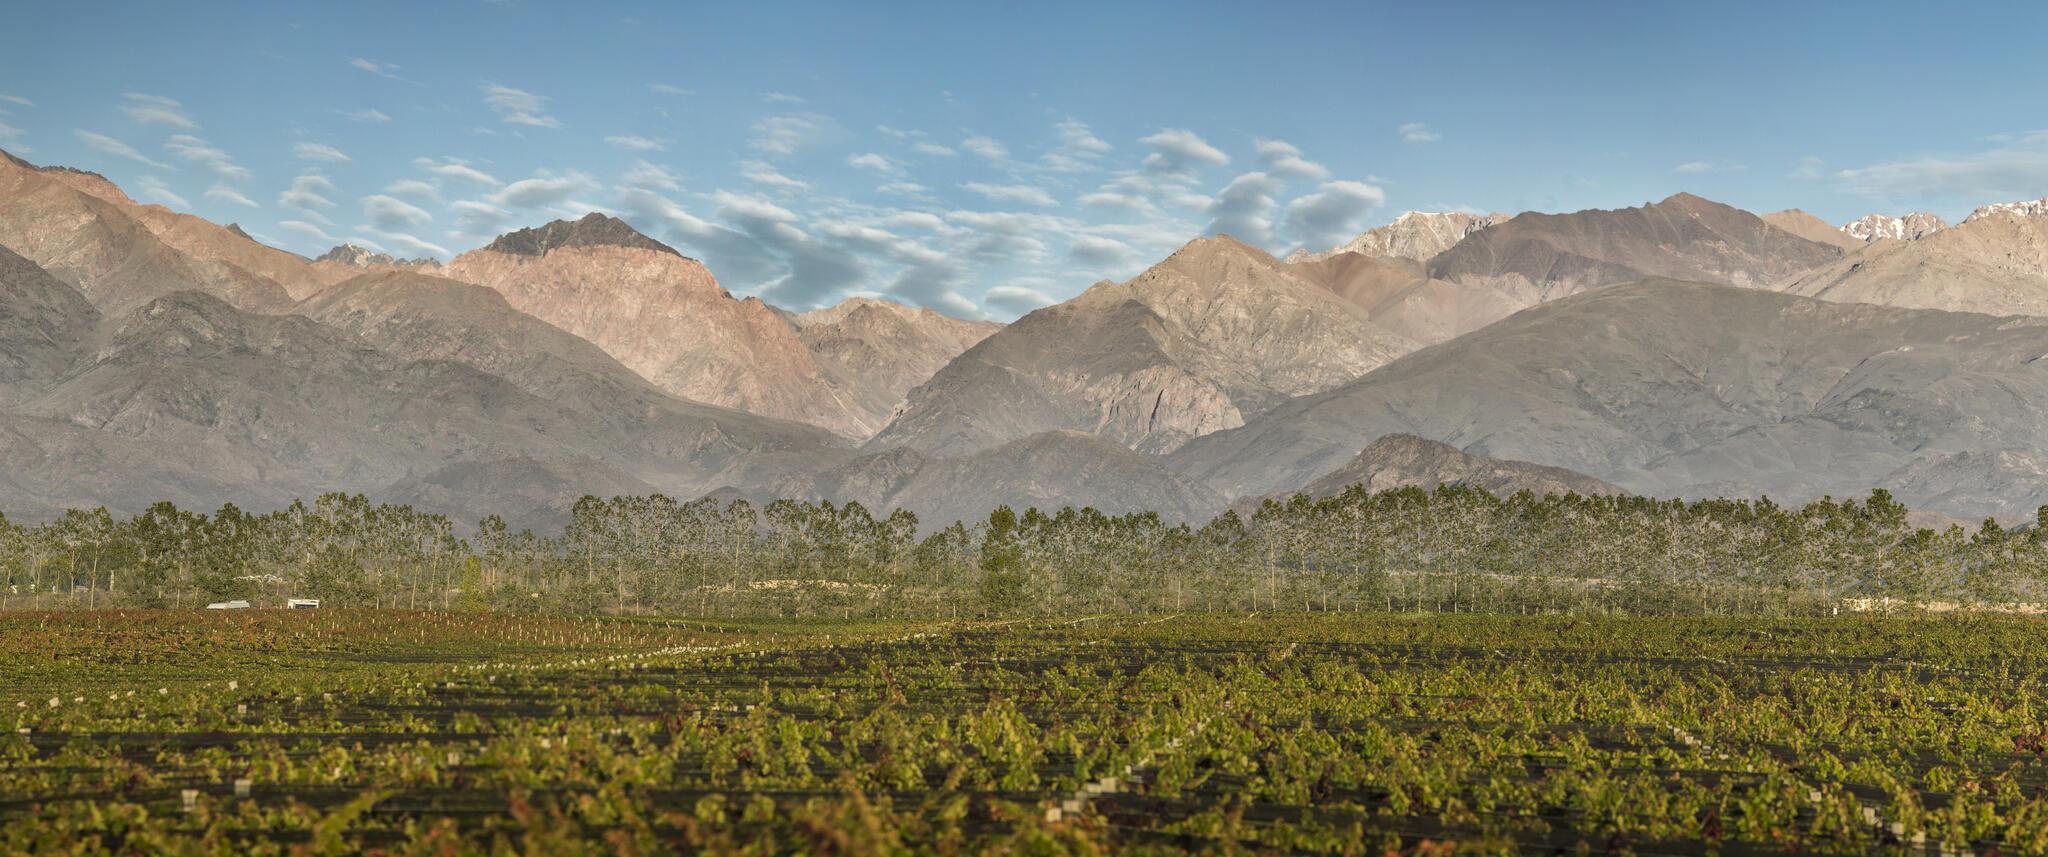 Terrazas de los Andes Cover Image